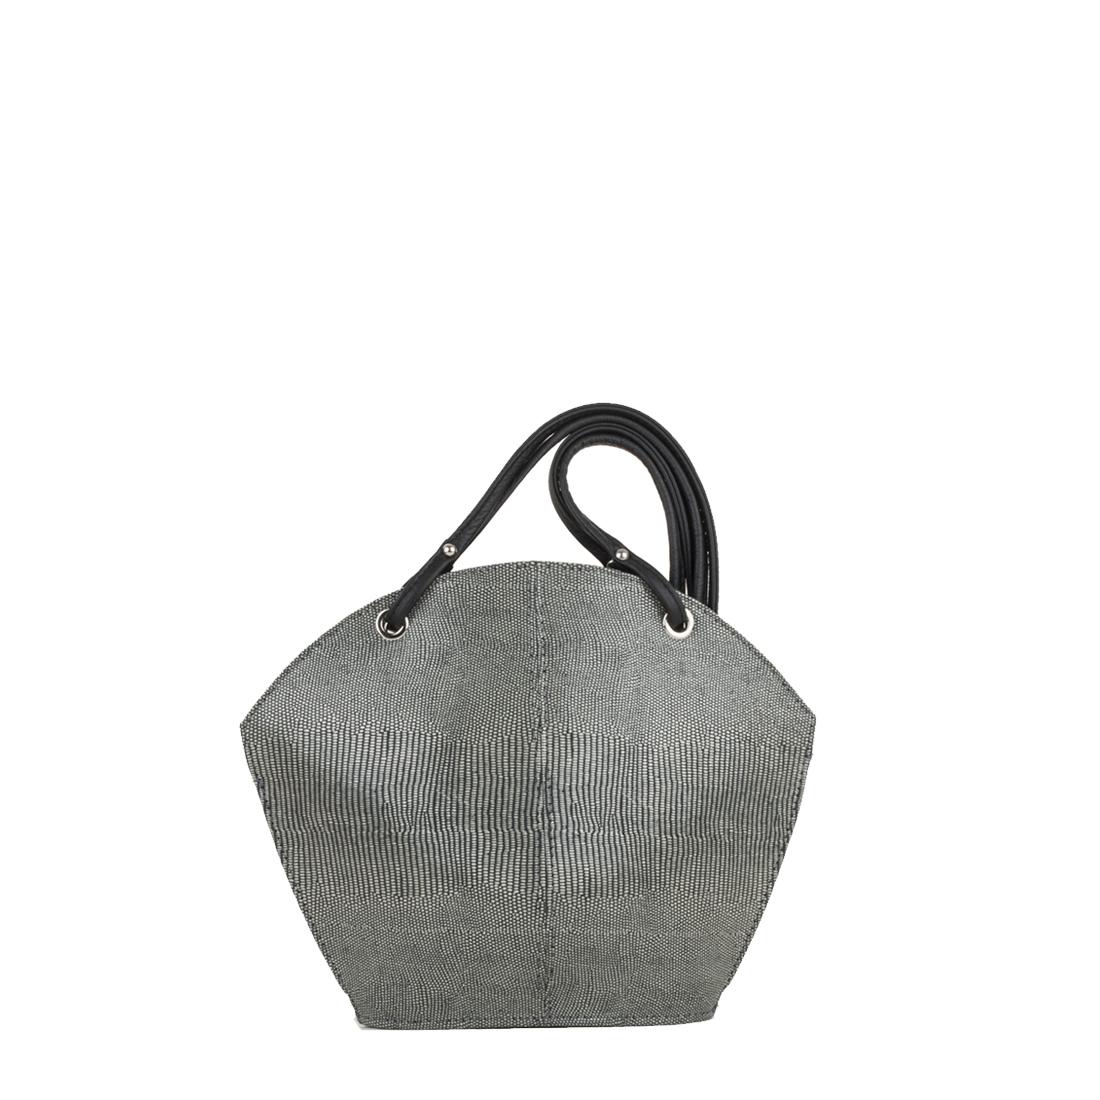 Ava Courmayeur Leather Shoulder Bag